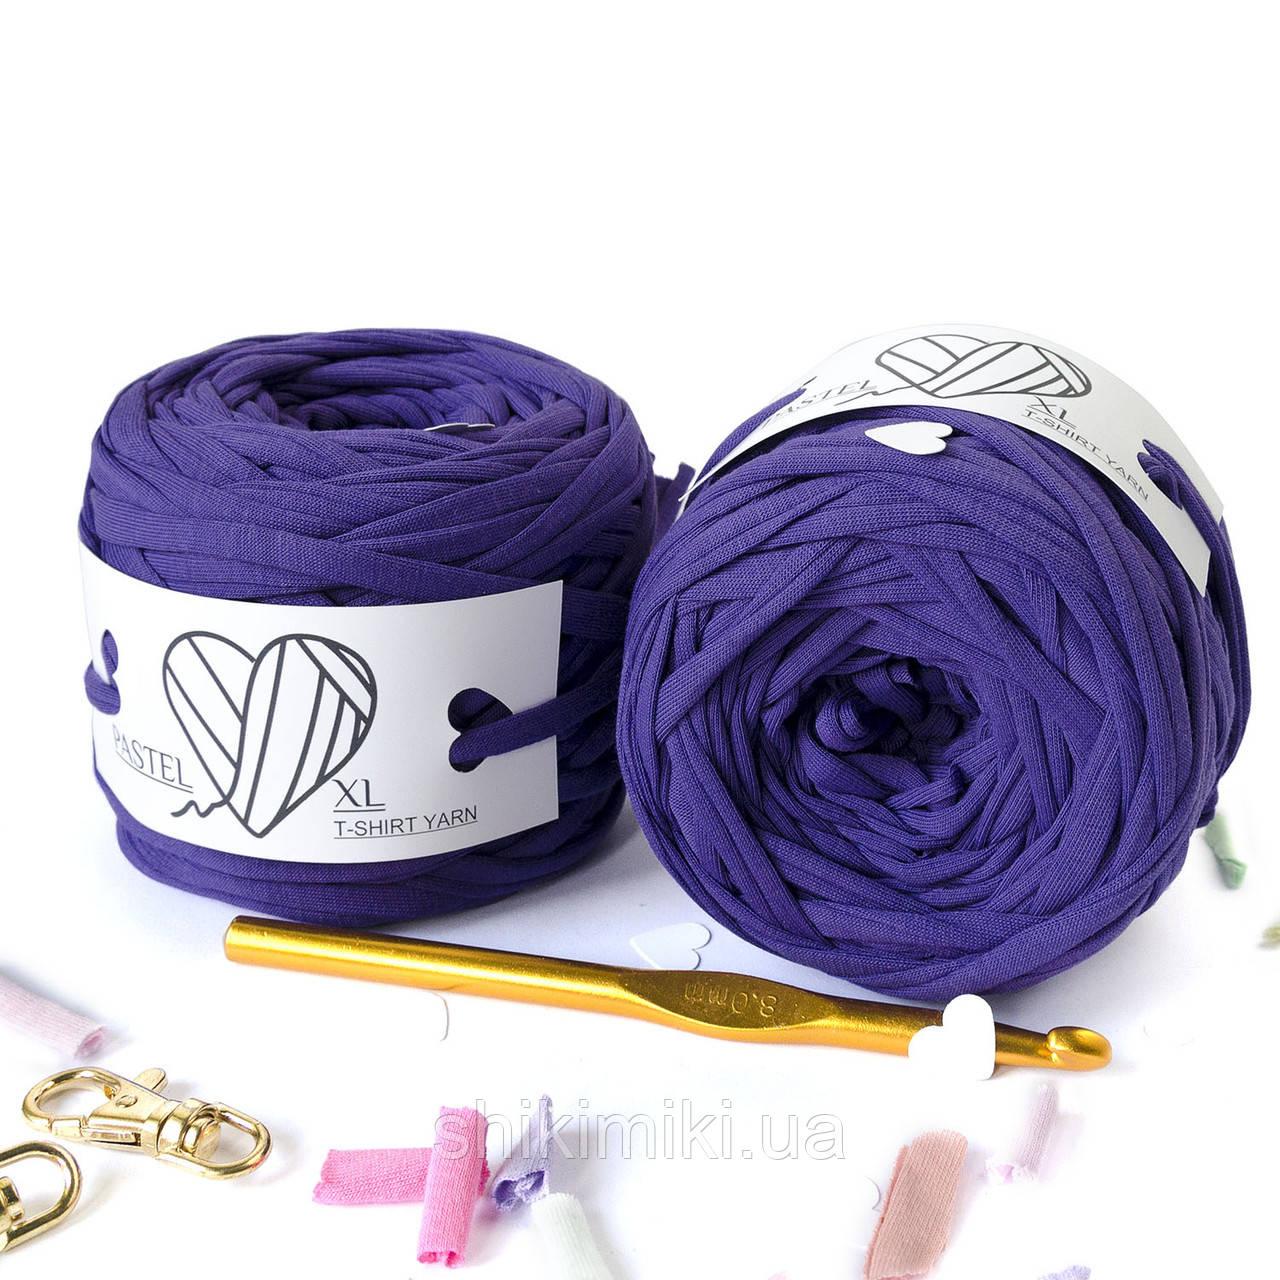 Трикотажная пряжа цвет  Ультрафиолет